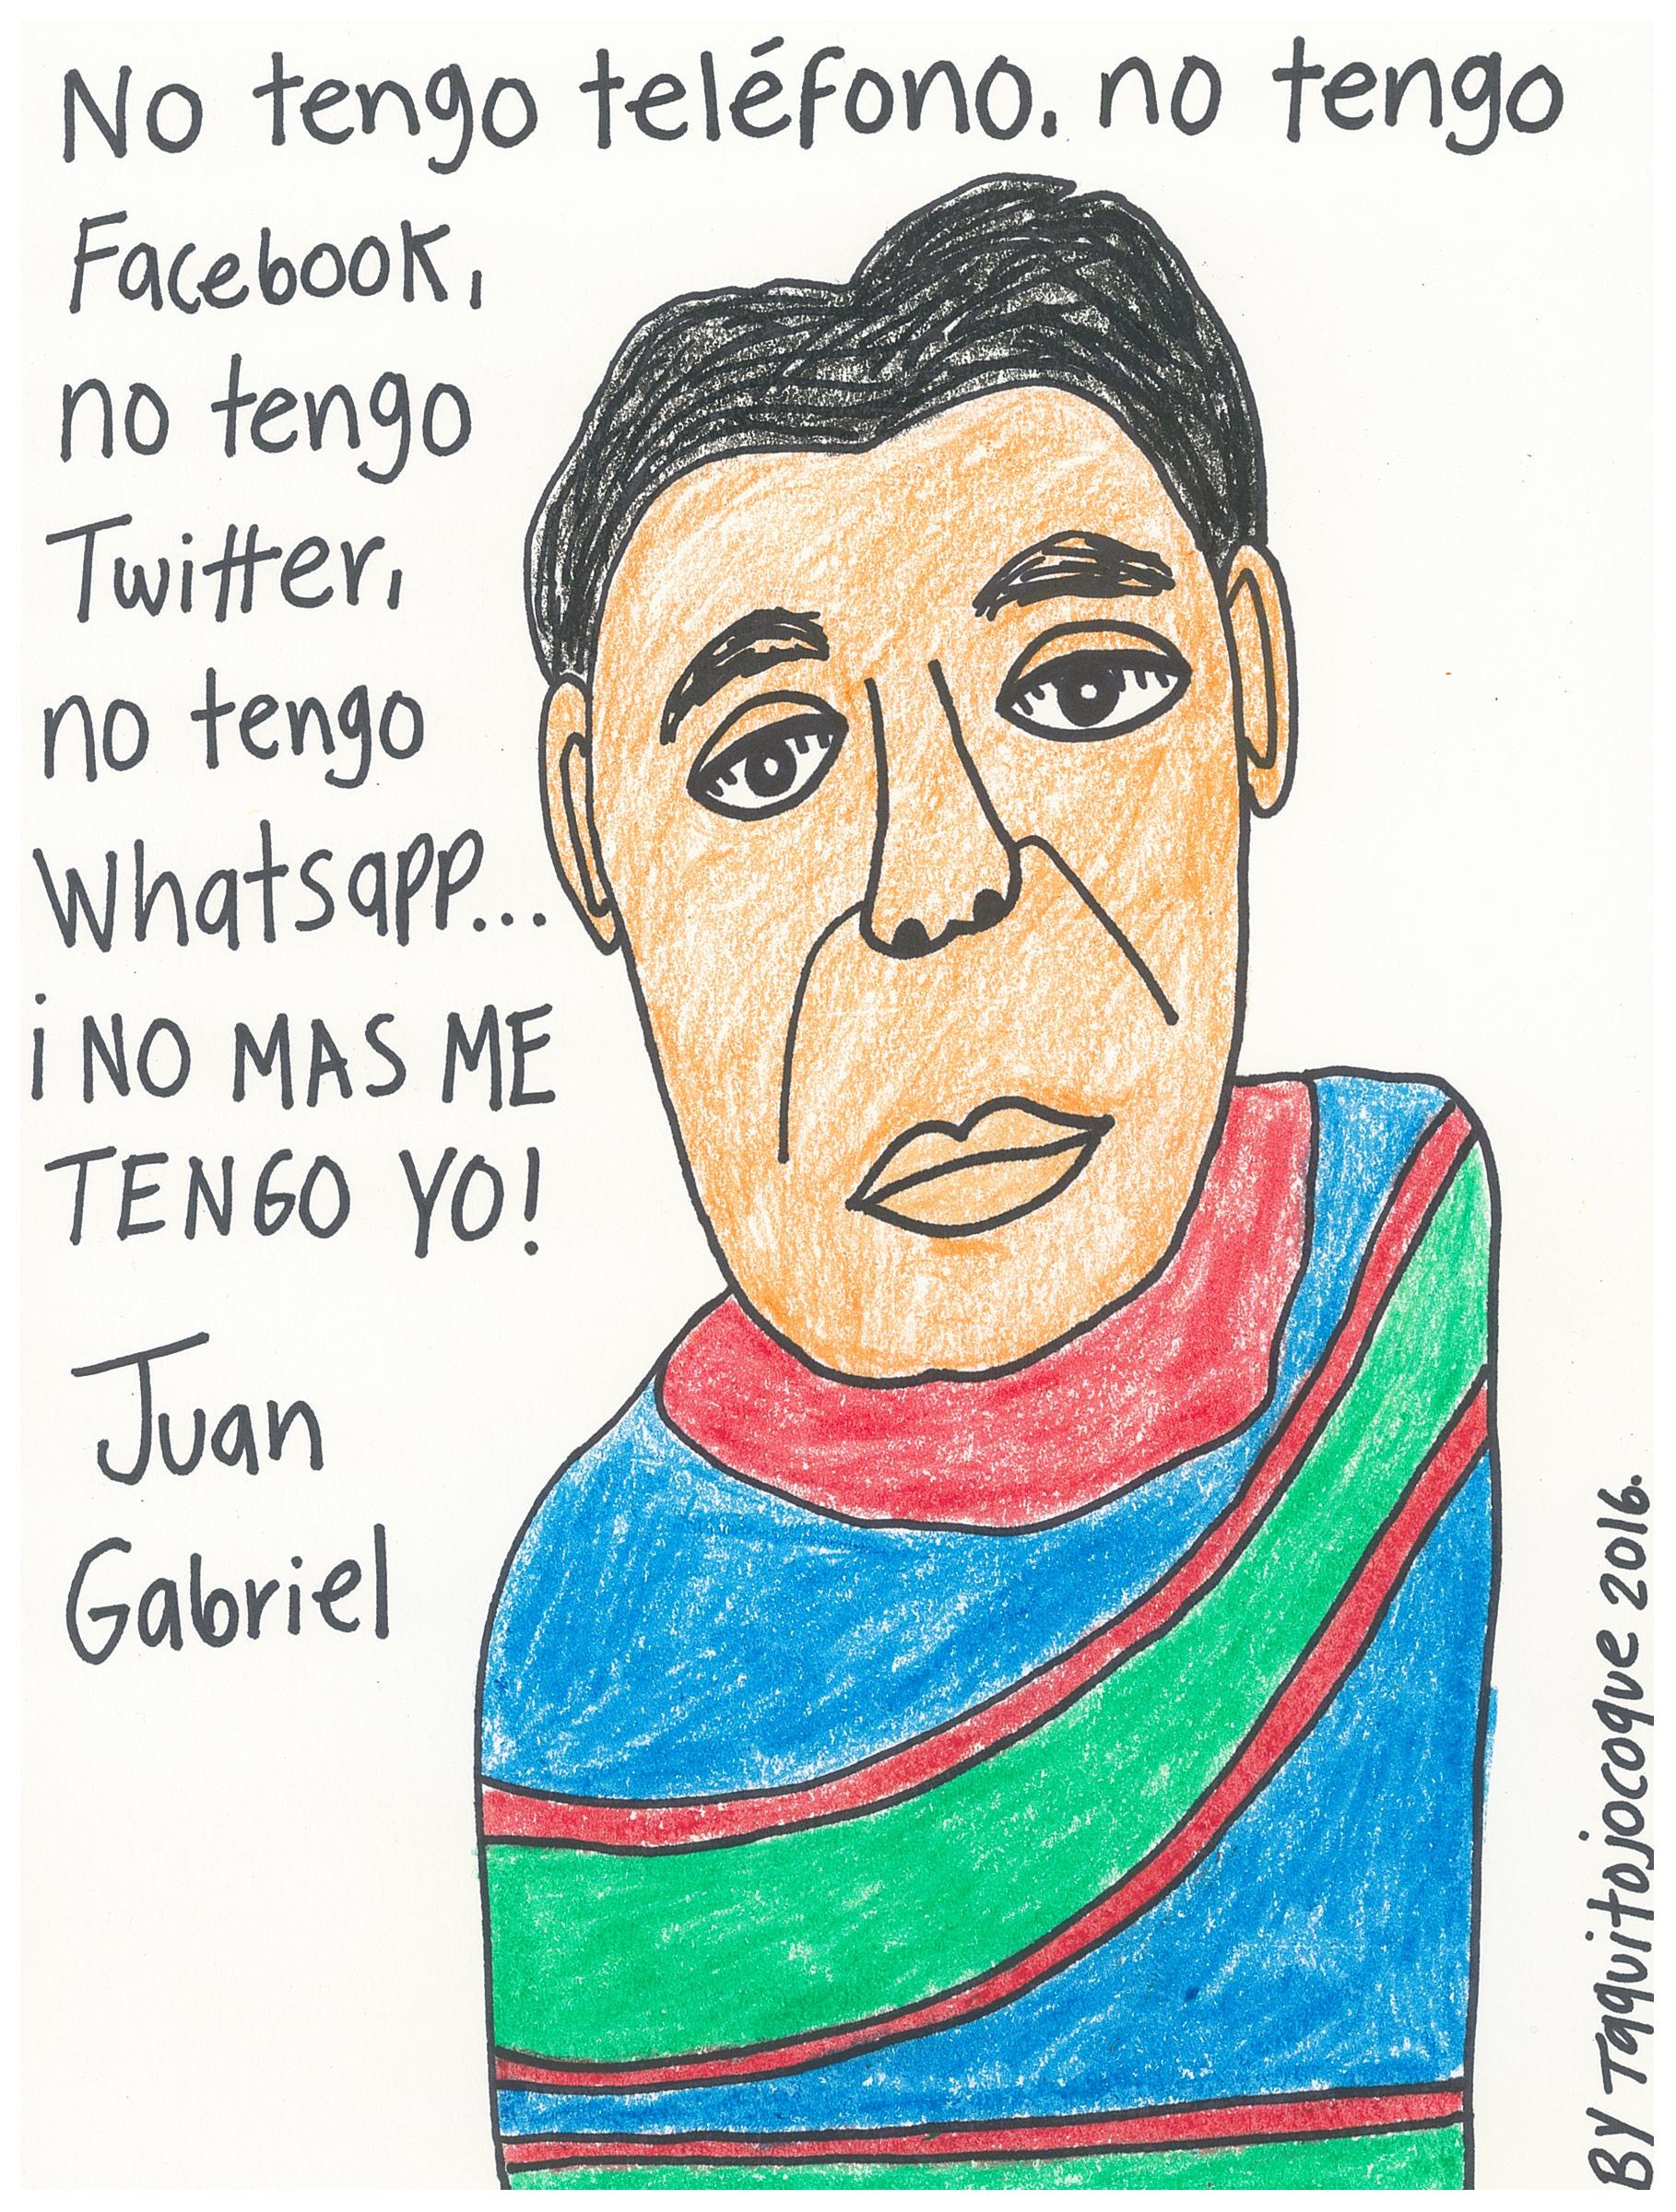 Juangataquito.jpg